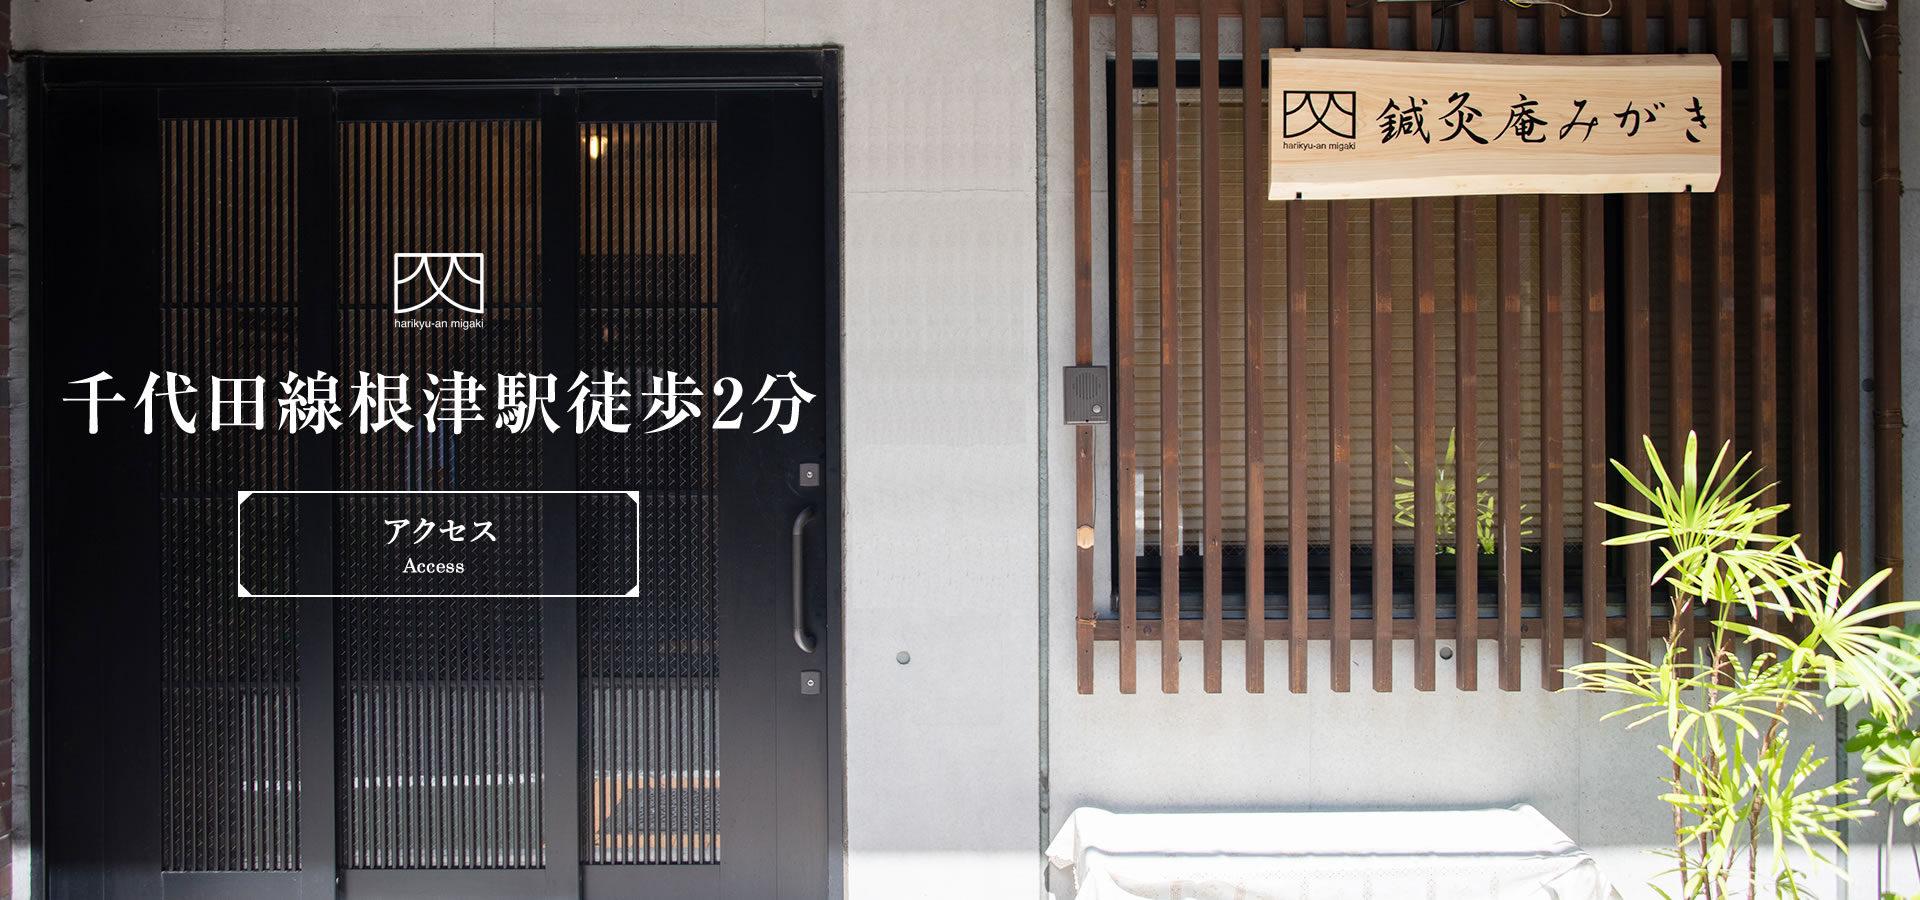 千代田線根津駅徒歩2分